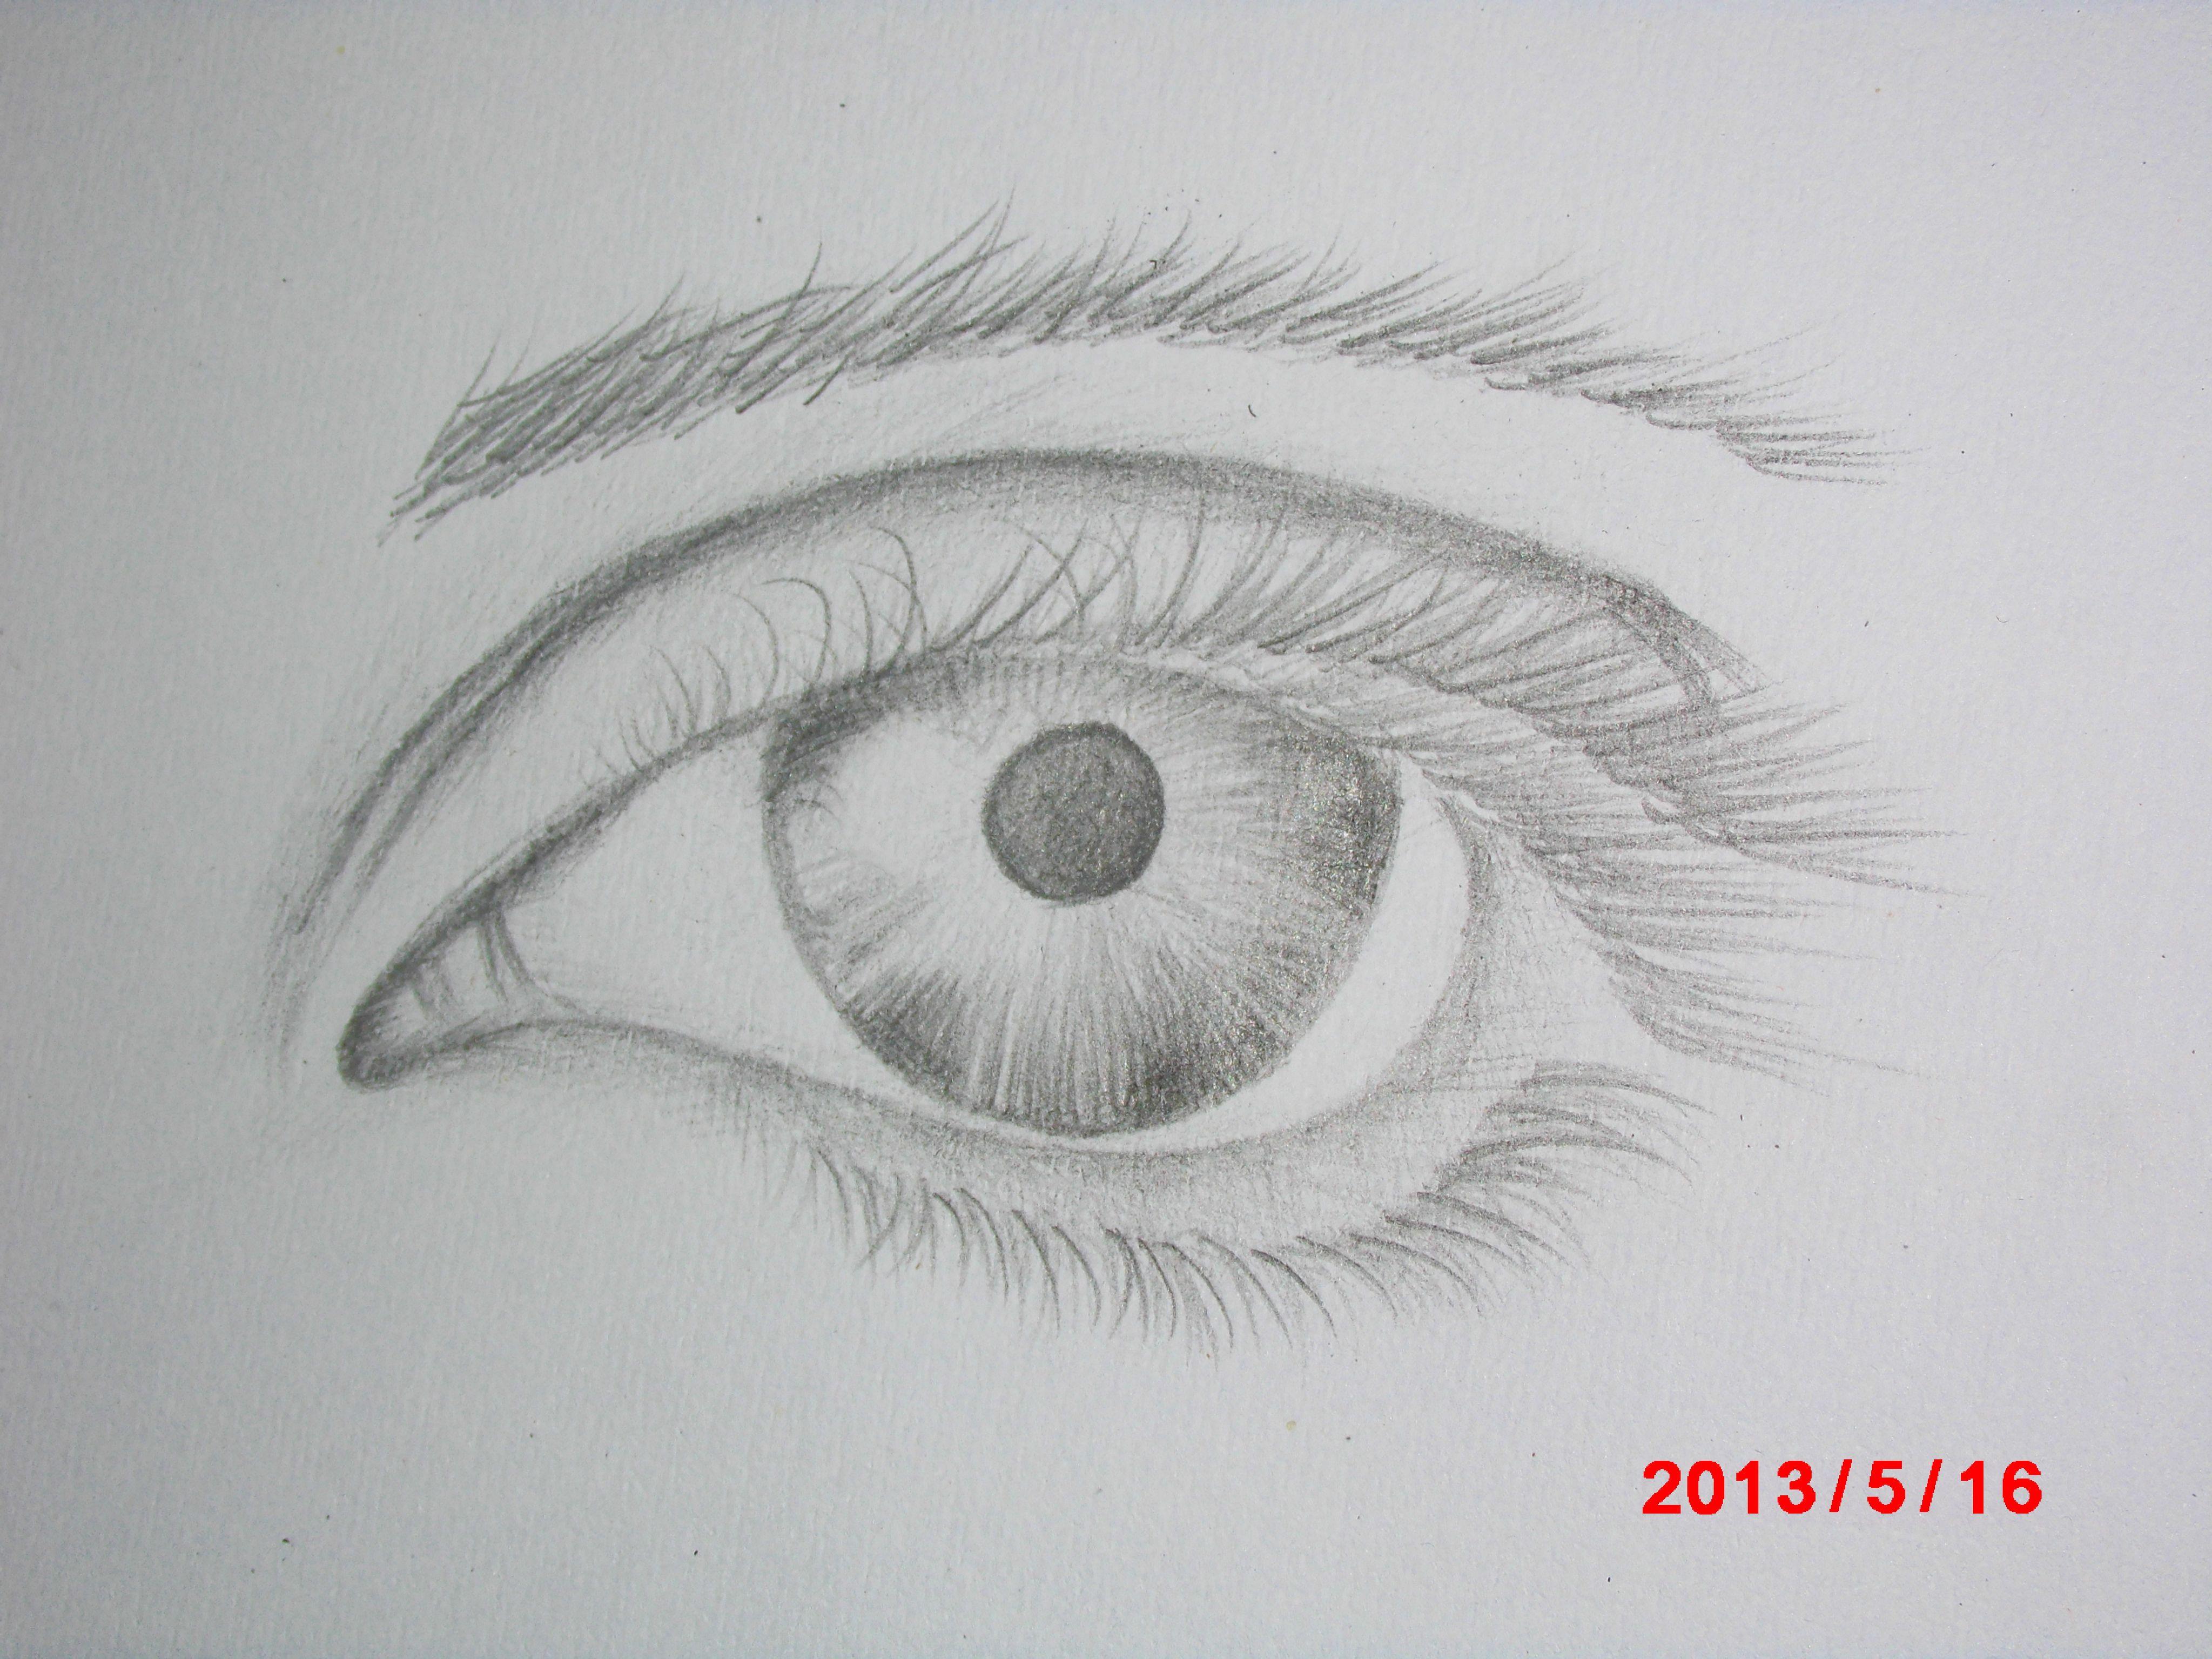 大姐姐,哥哥们我喜欢画漫画 但是眼睛和头发太难画了图片